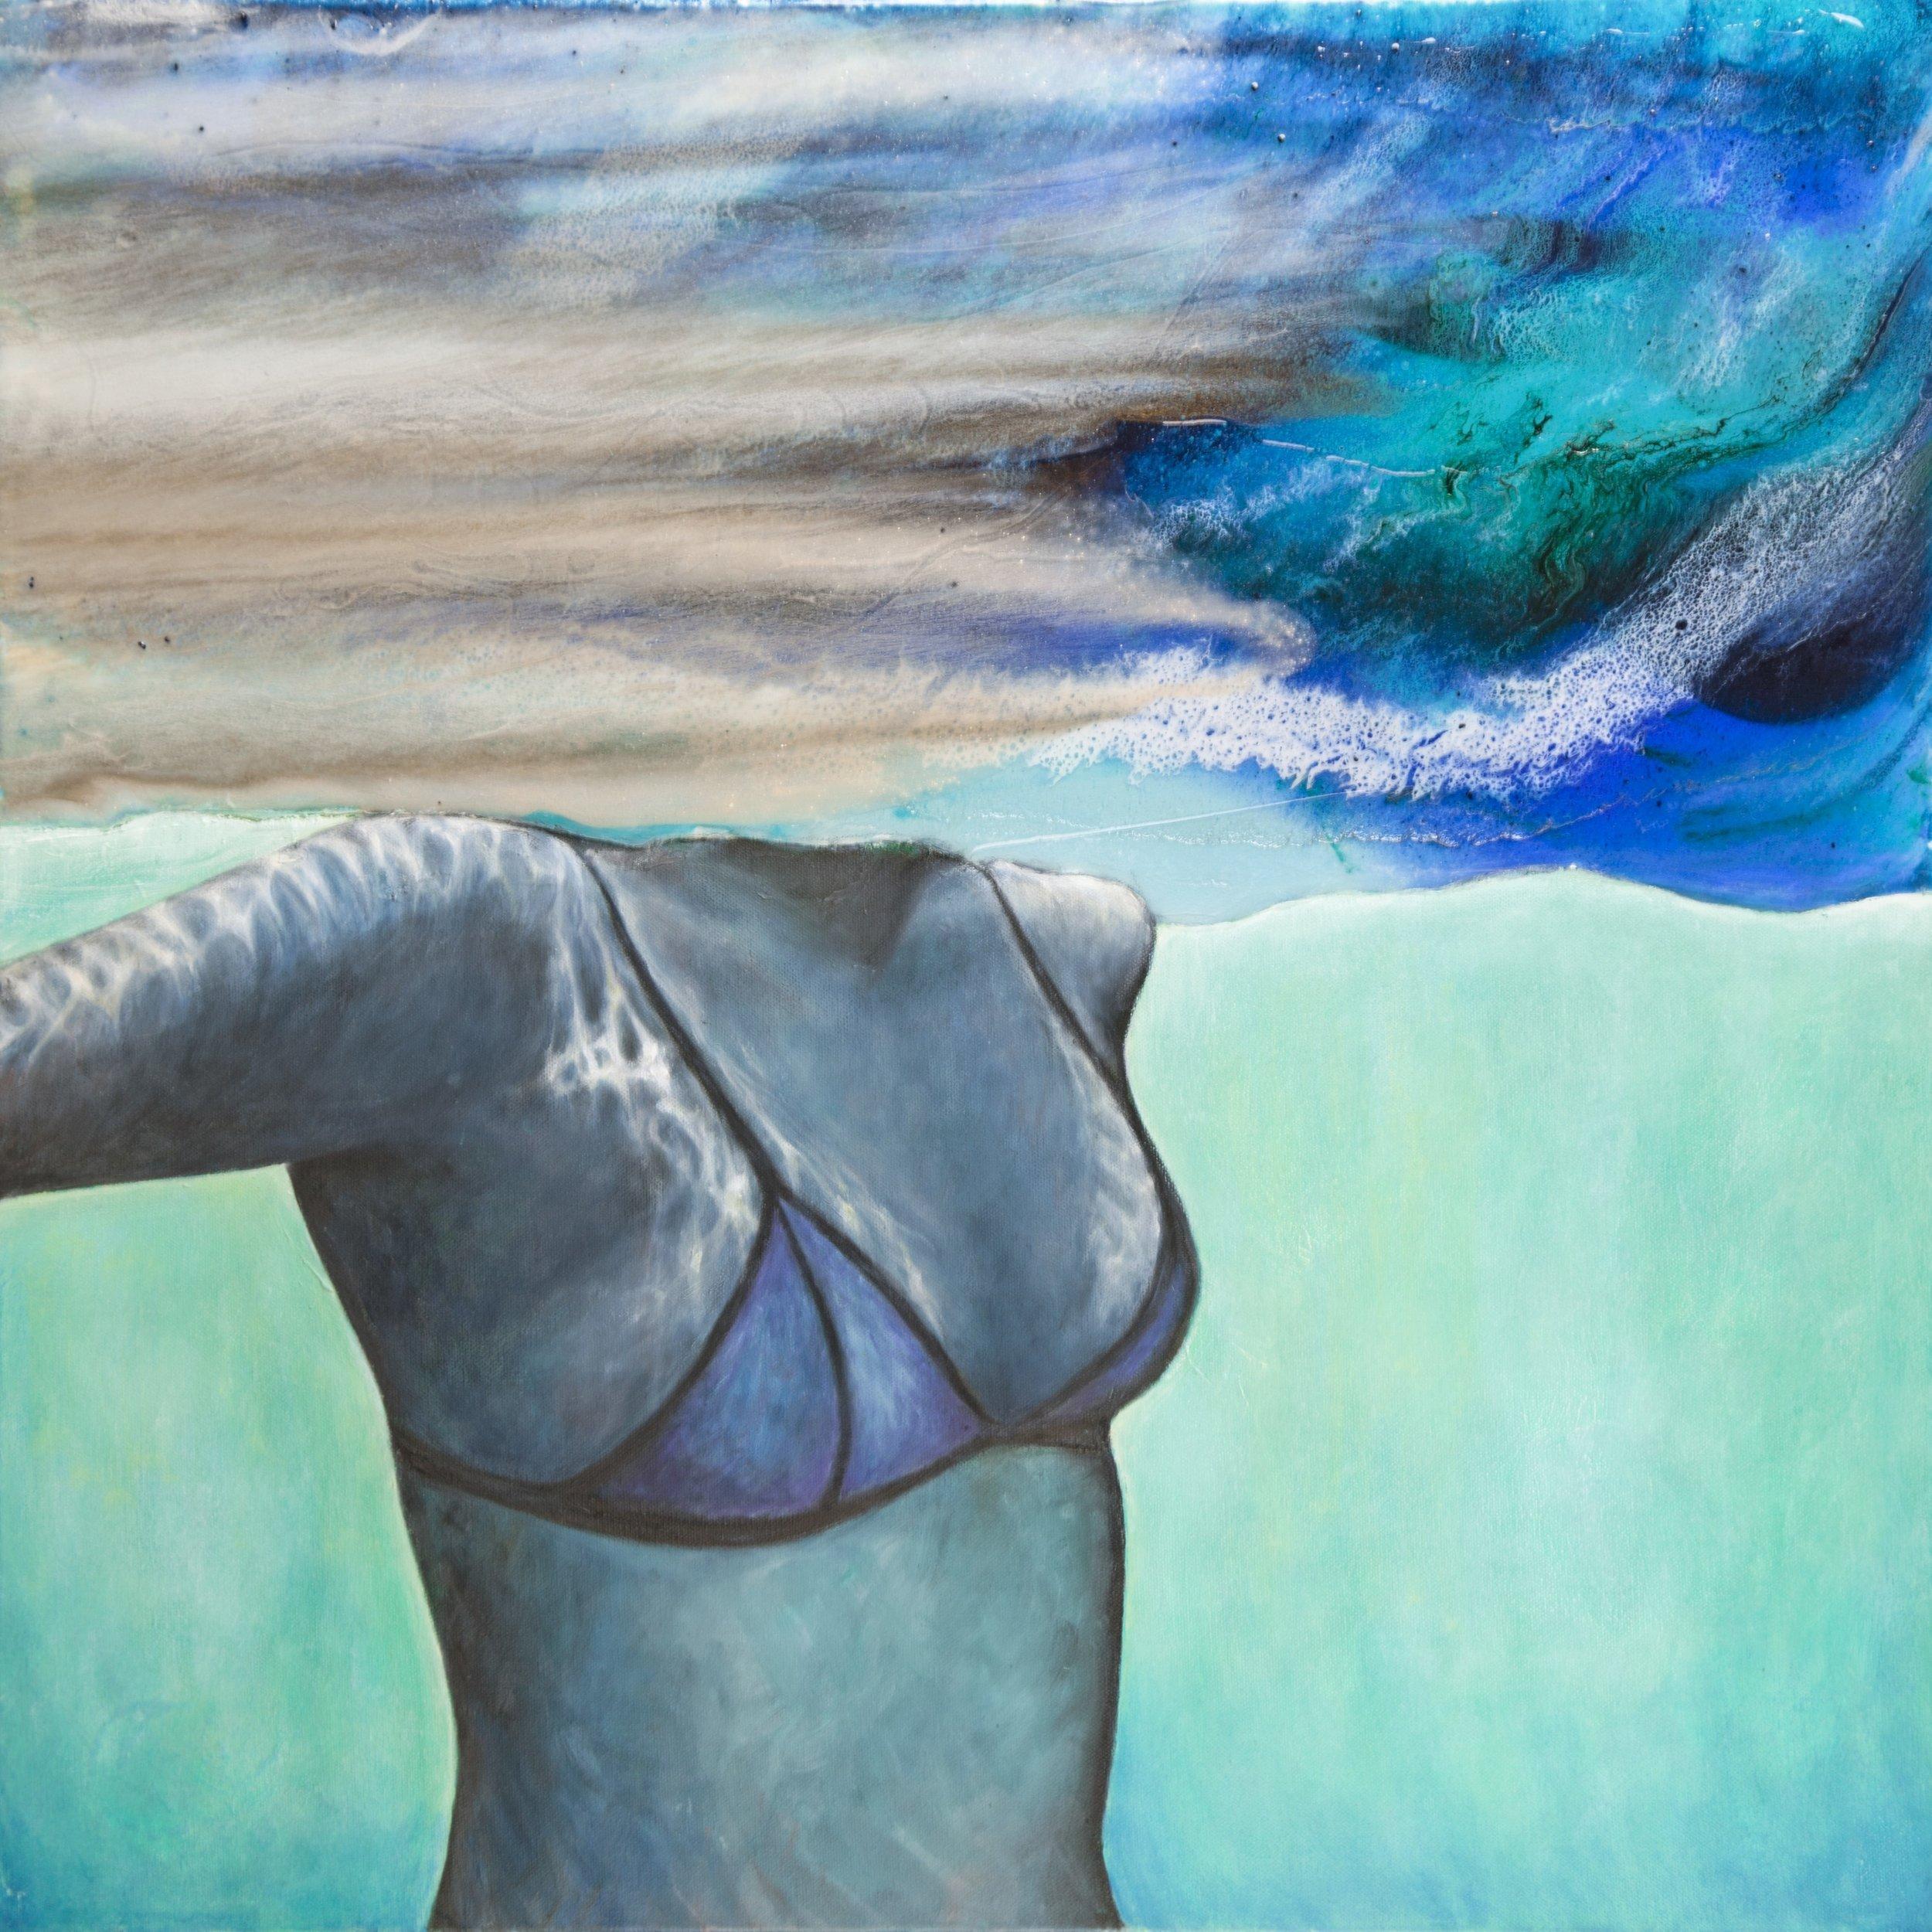 Underwater Ocean Series #3